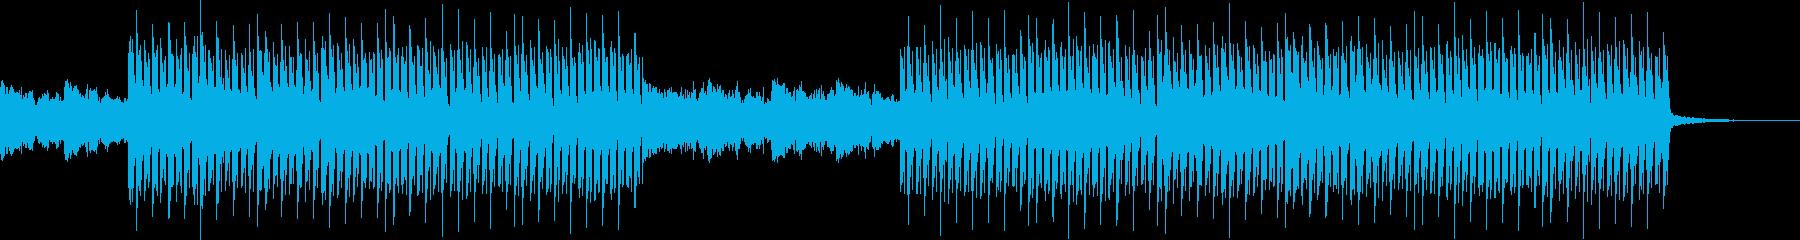 ドキドキミステリアス・怪しい奇妙前衛的の再生済みの波形